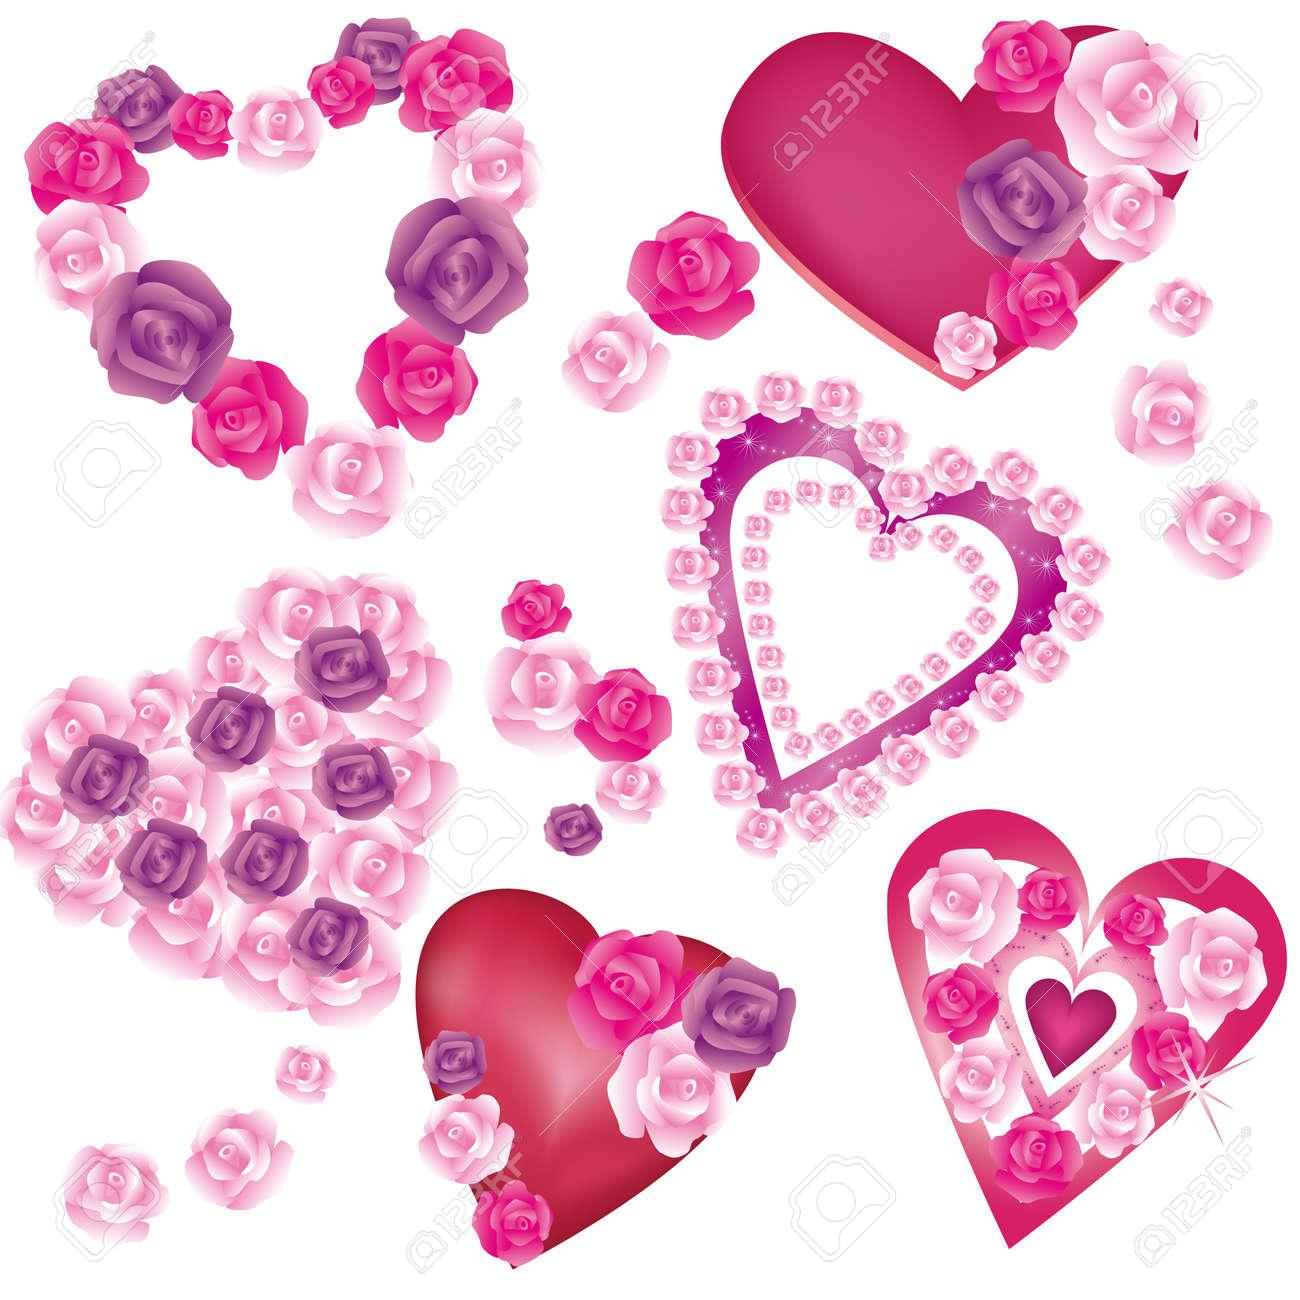 Juego De Corazones Decorativos Con Hermosas Rosas Para El Día De San ...